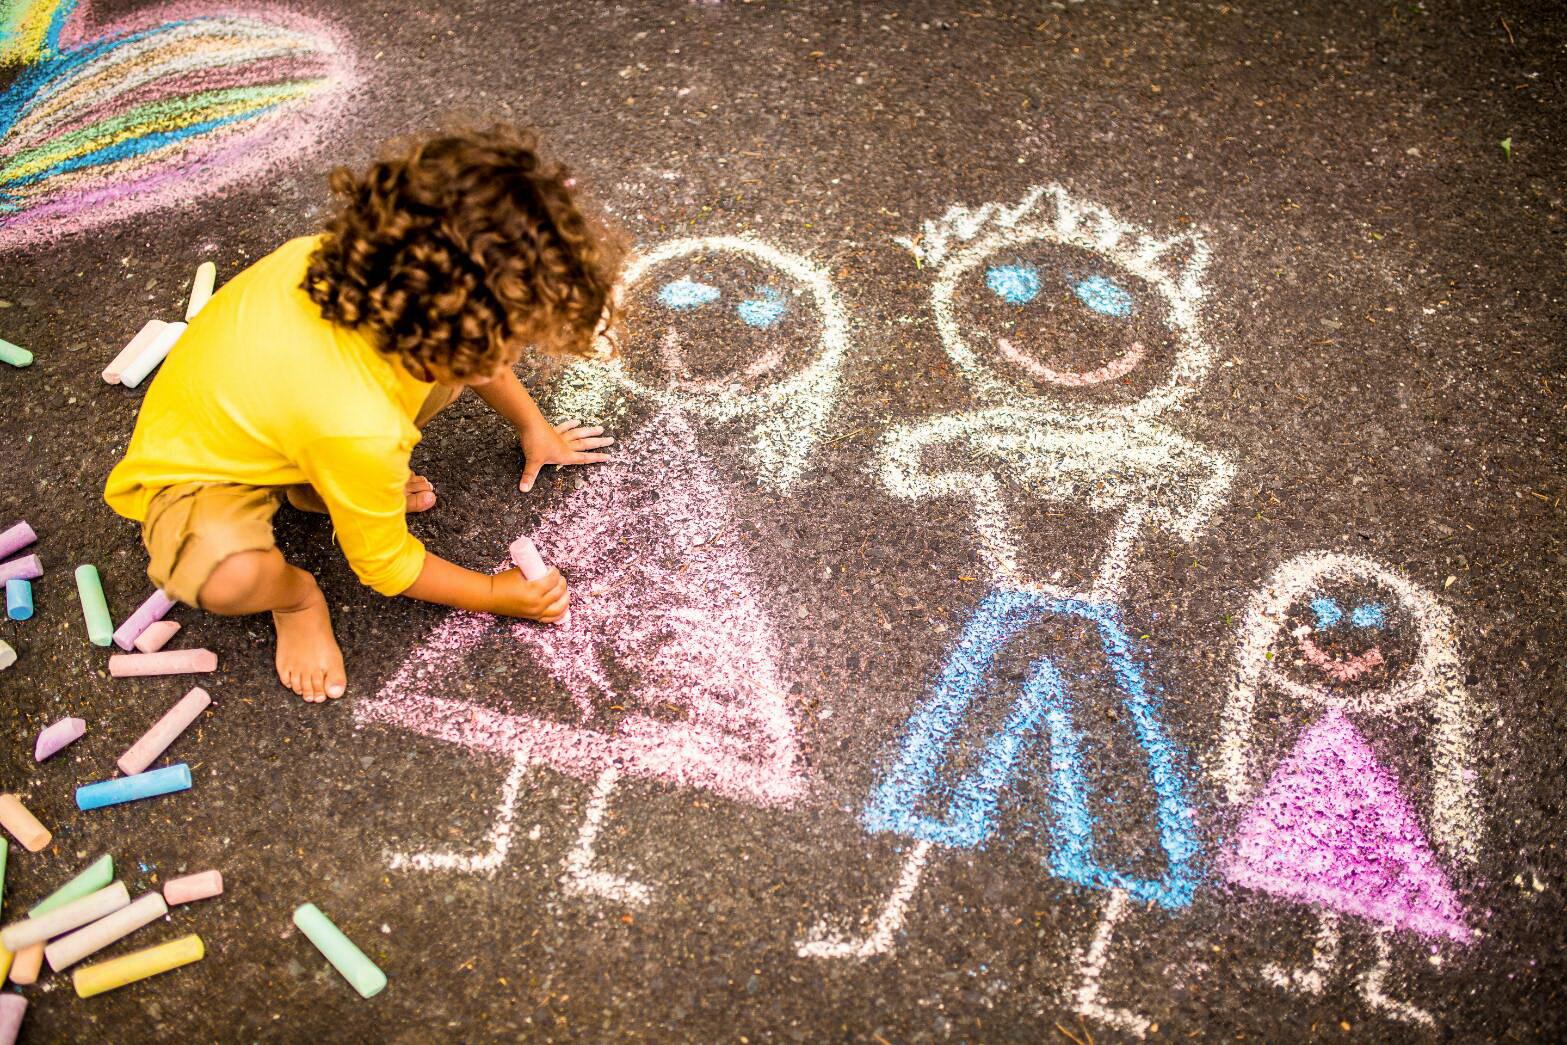 ภาพเด็กวาดรูป